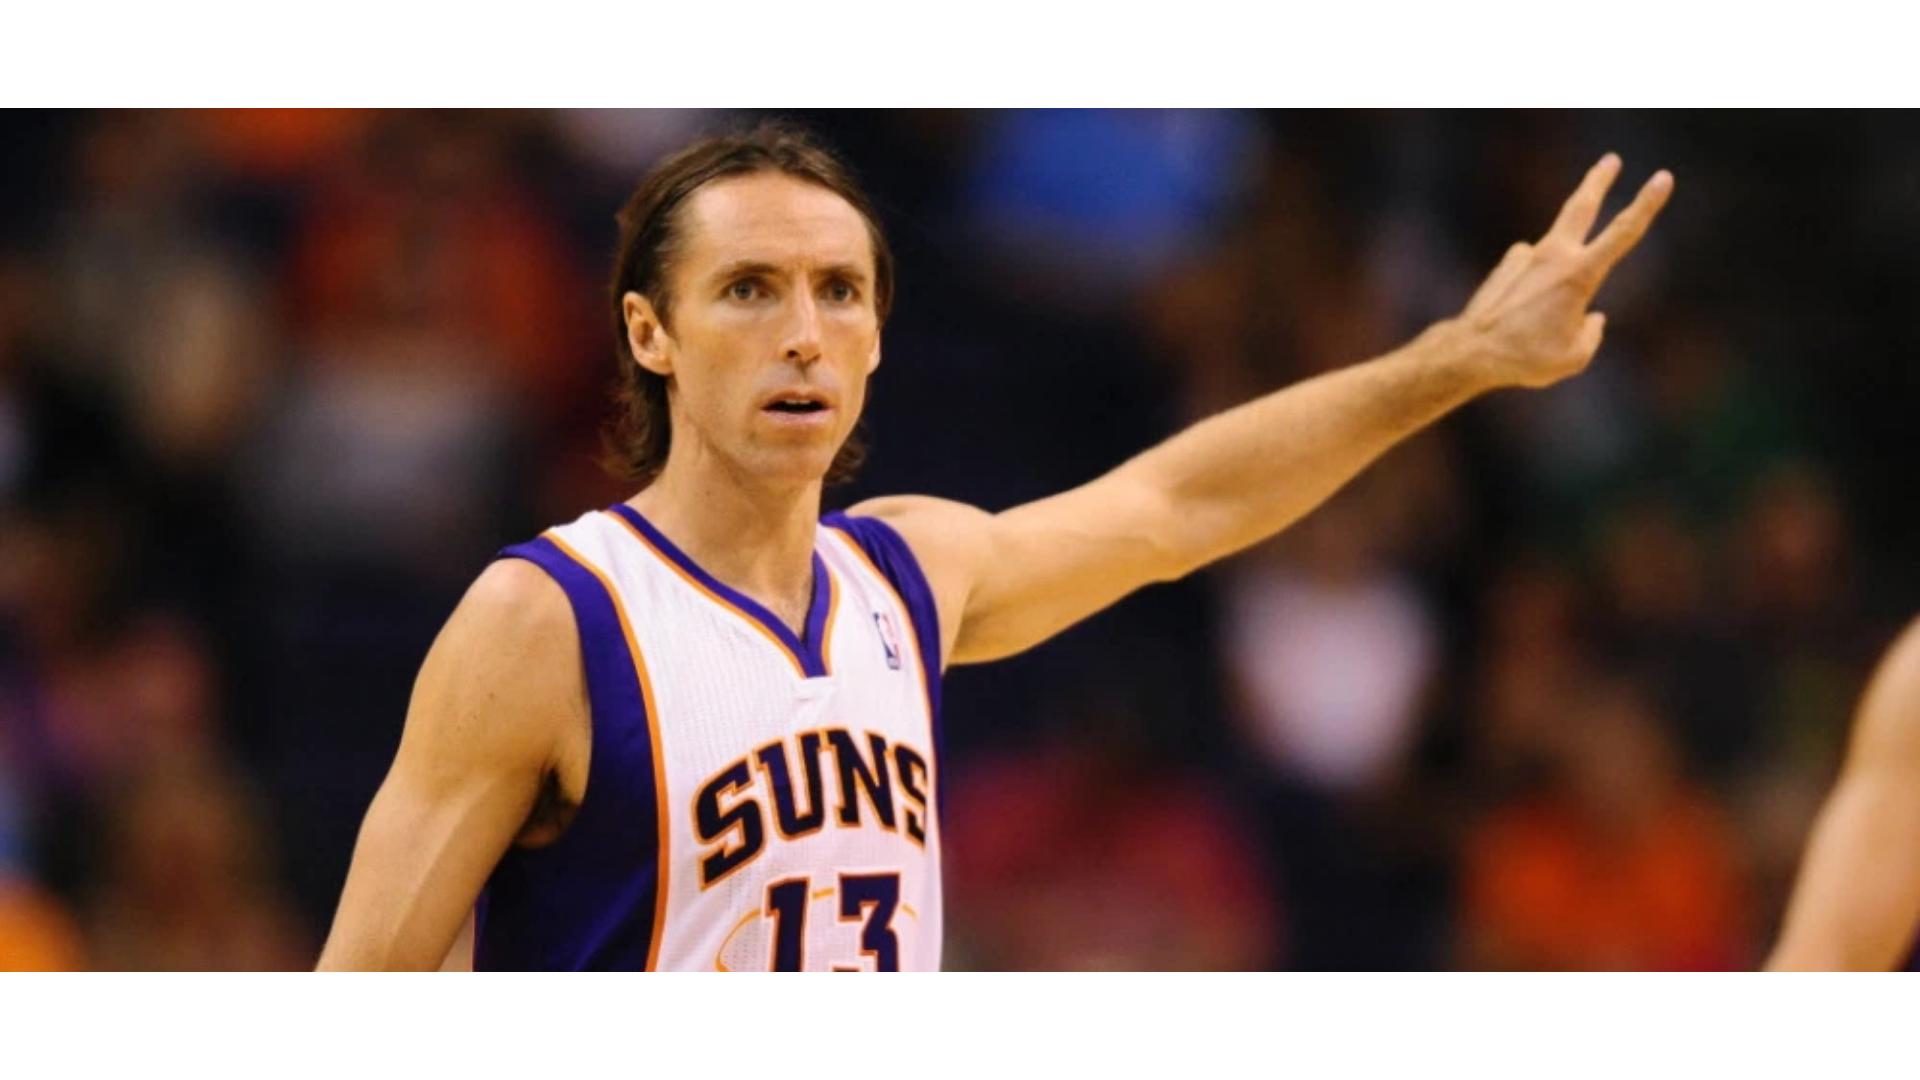 Suns forması giyen Steve Nash'in görseli.